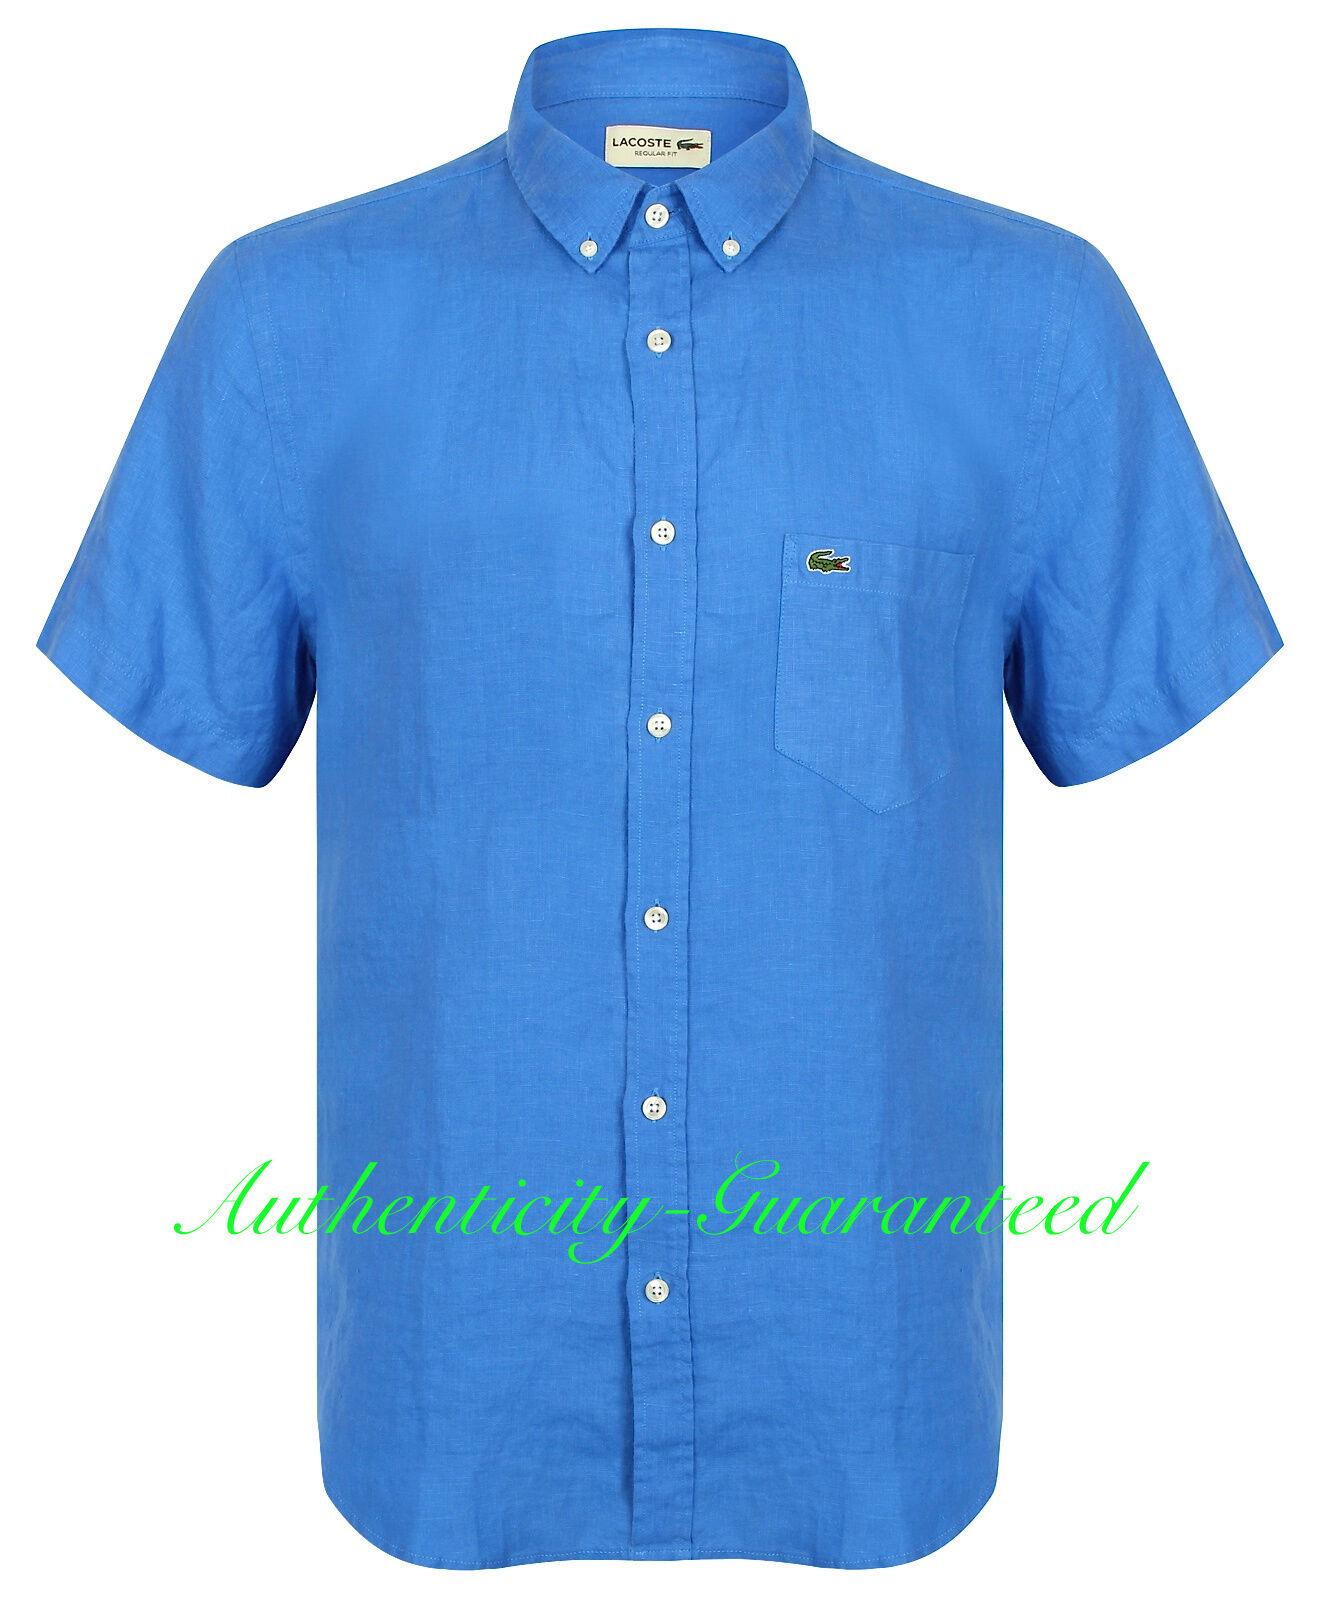 Lacoste Para hombres Mangas Cortas Camisa  De Lino Azul Turquesa   BNWT Venta   venta